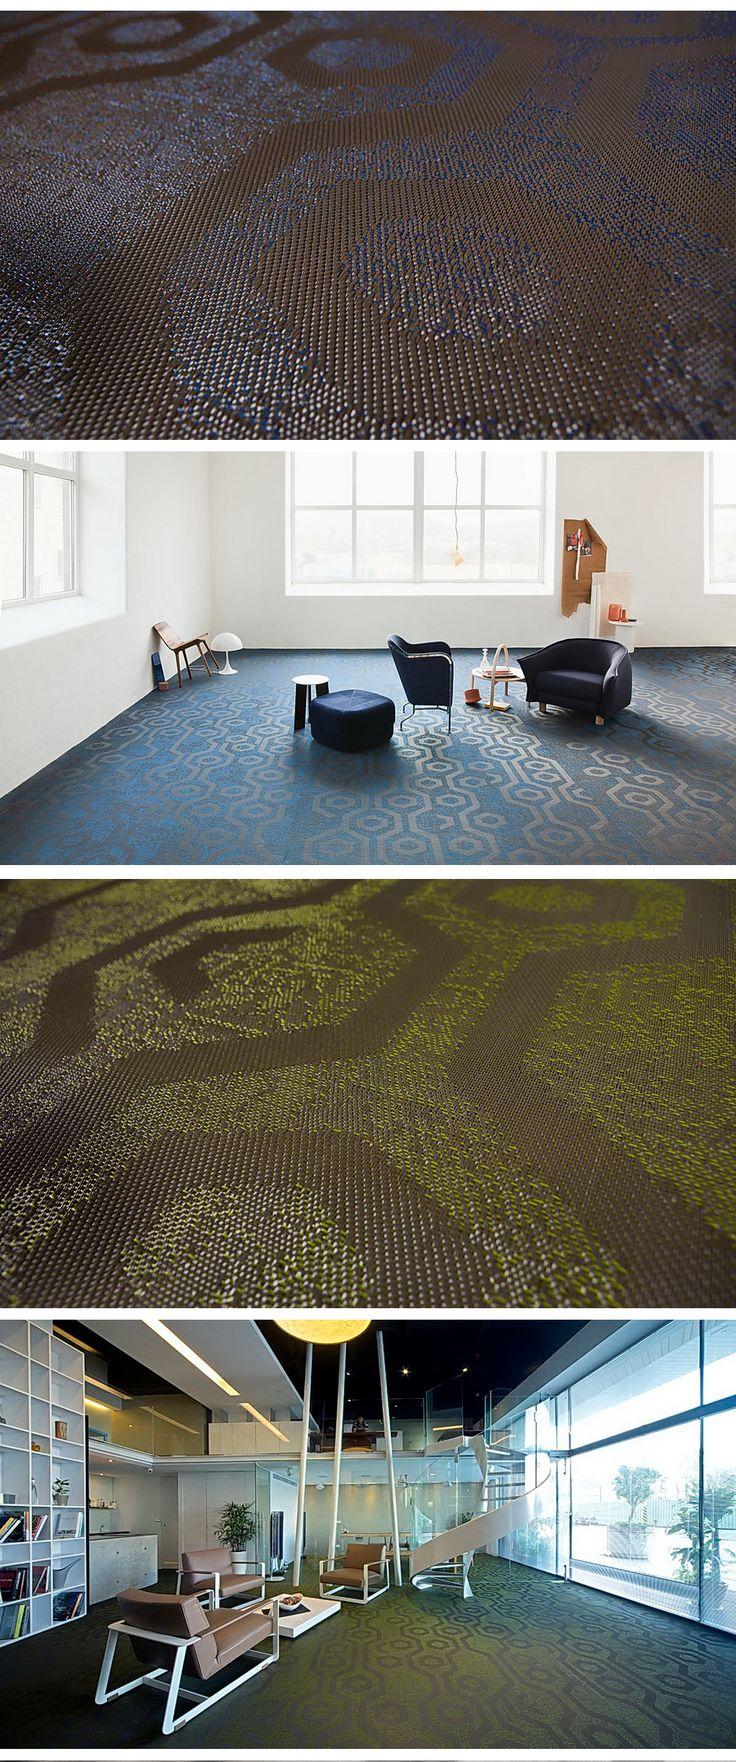 Необычные дизайнерские полы представила фабрика Bolon это новинка 2017 года из коллекции Create. Виниловый пол содержит профилированную текстурированную нить, которая создает трехмерный рисунок.